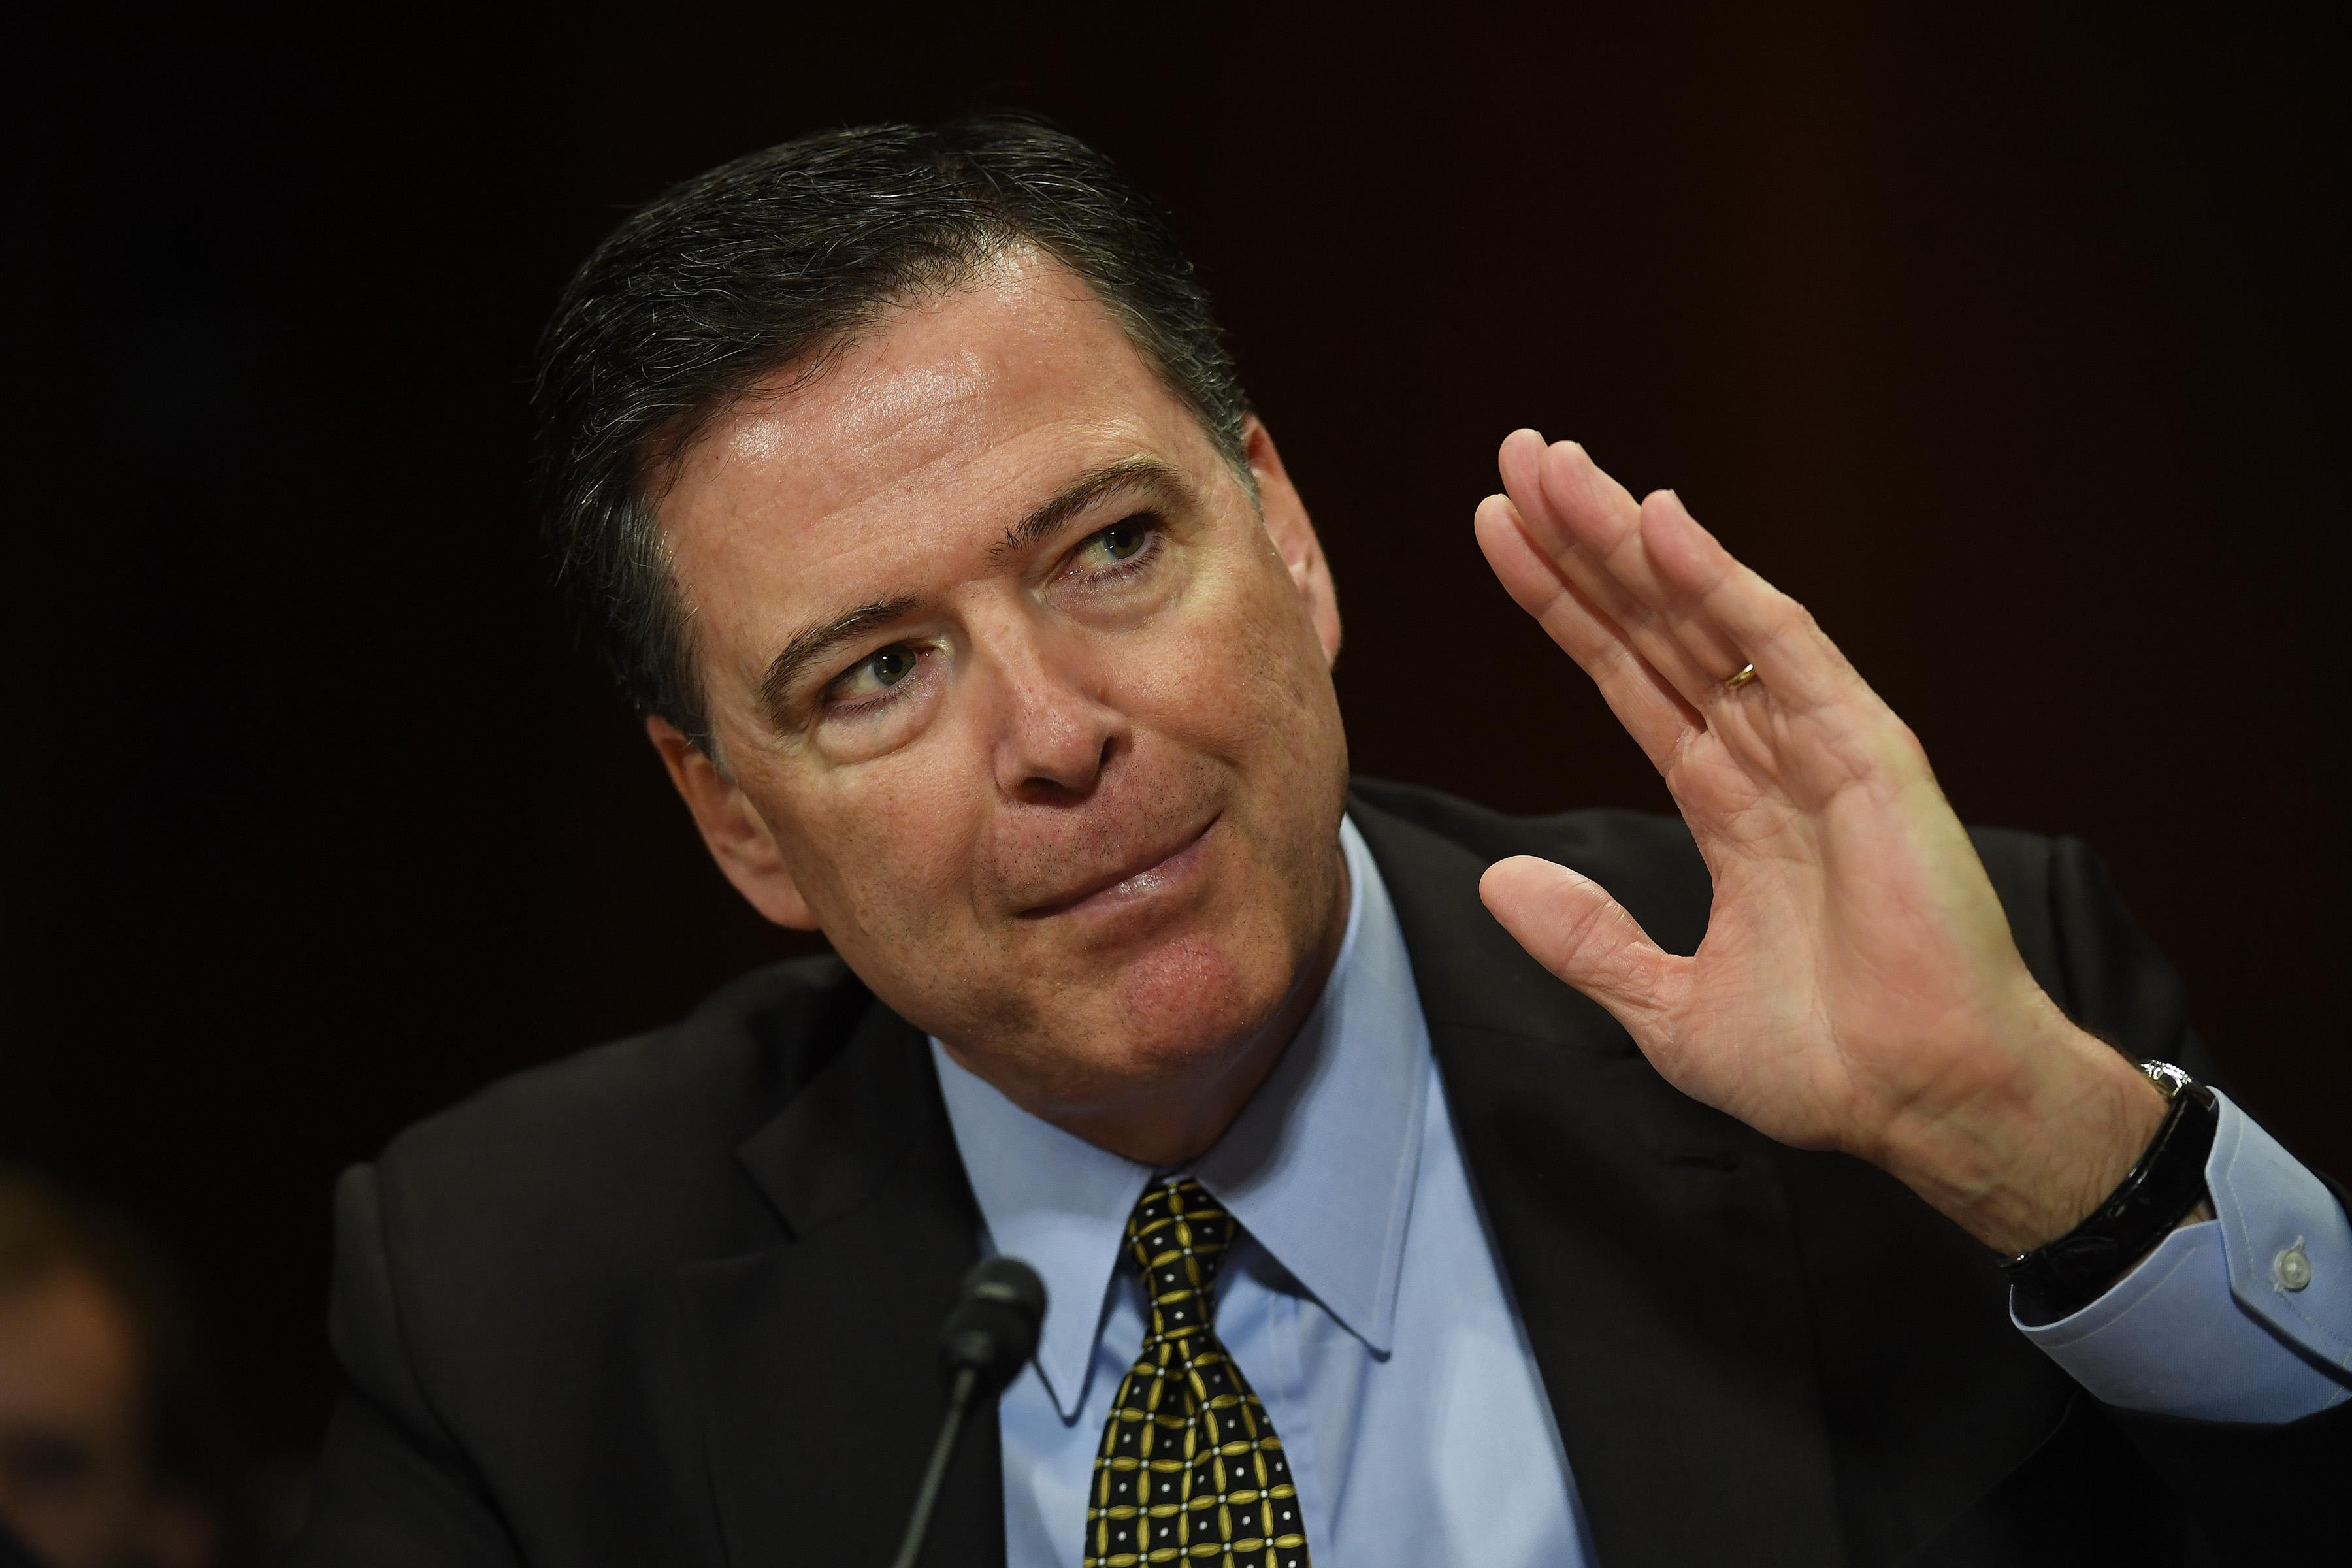 Tâm thư chia tay nhân viên của cựu giám đốc FBI 1